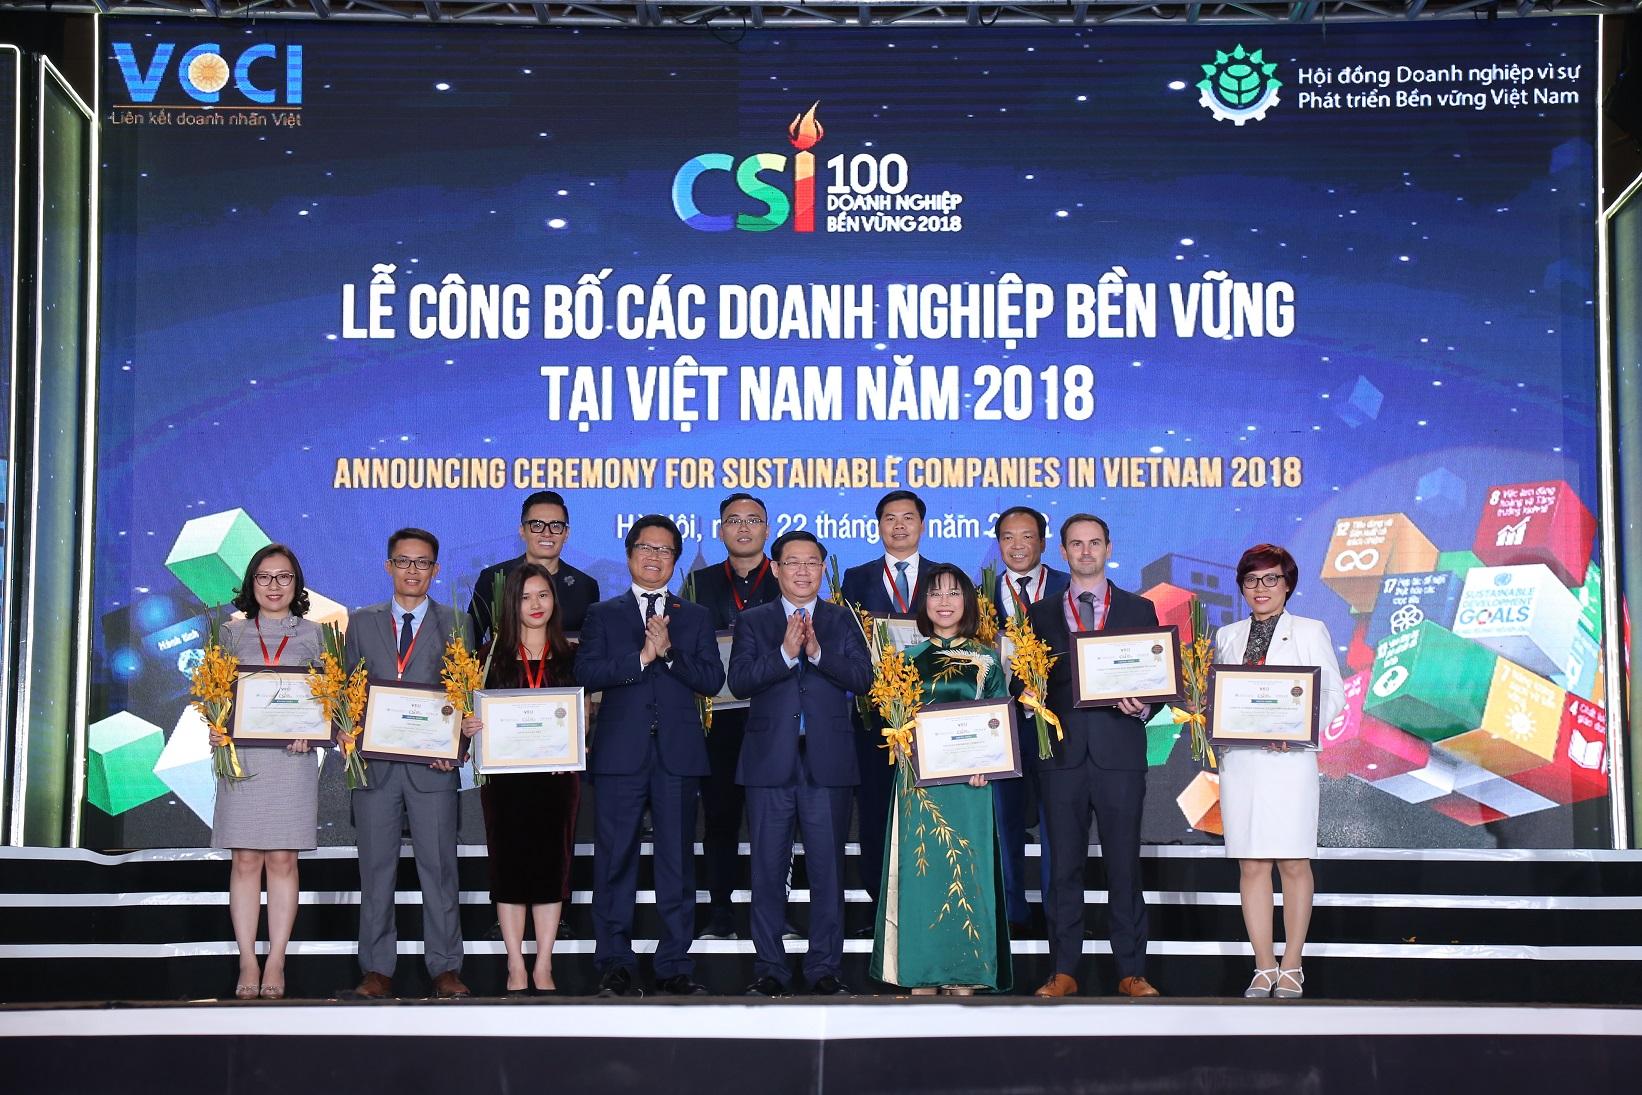 Doanh nghiệp bền vững cùng phát triển vì một Việt Nam thịnh vượng